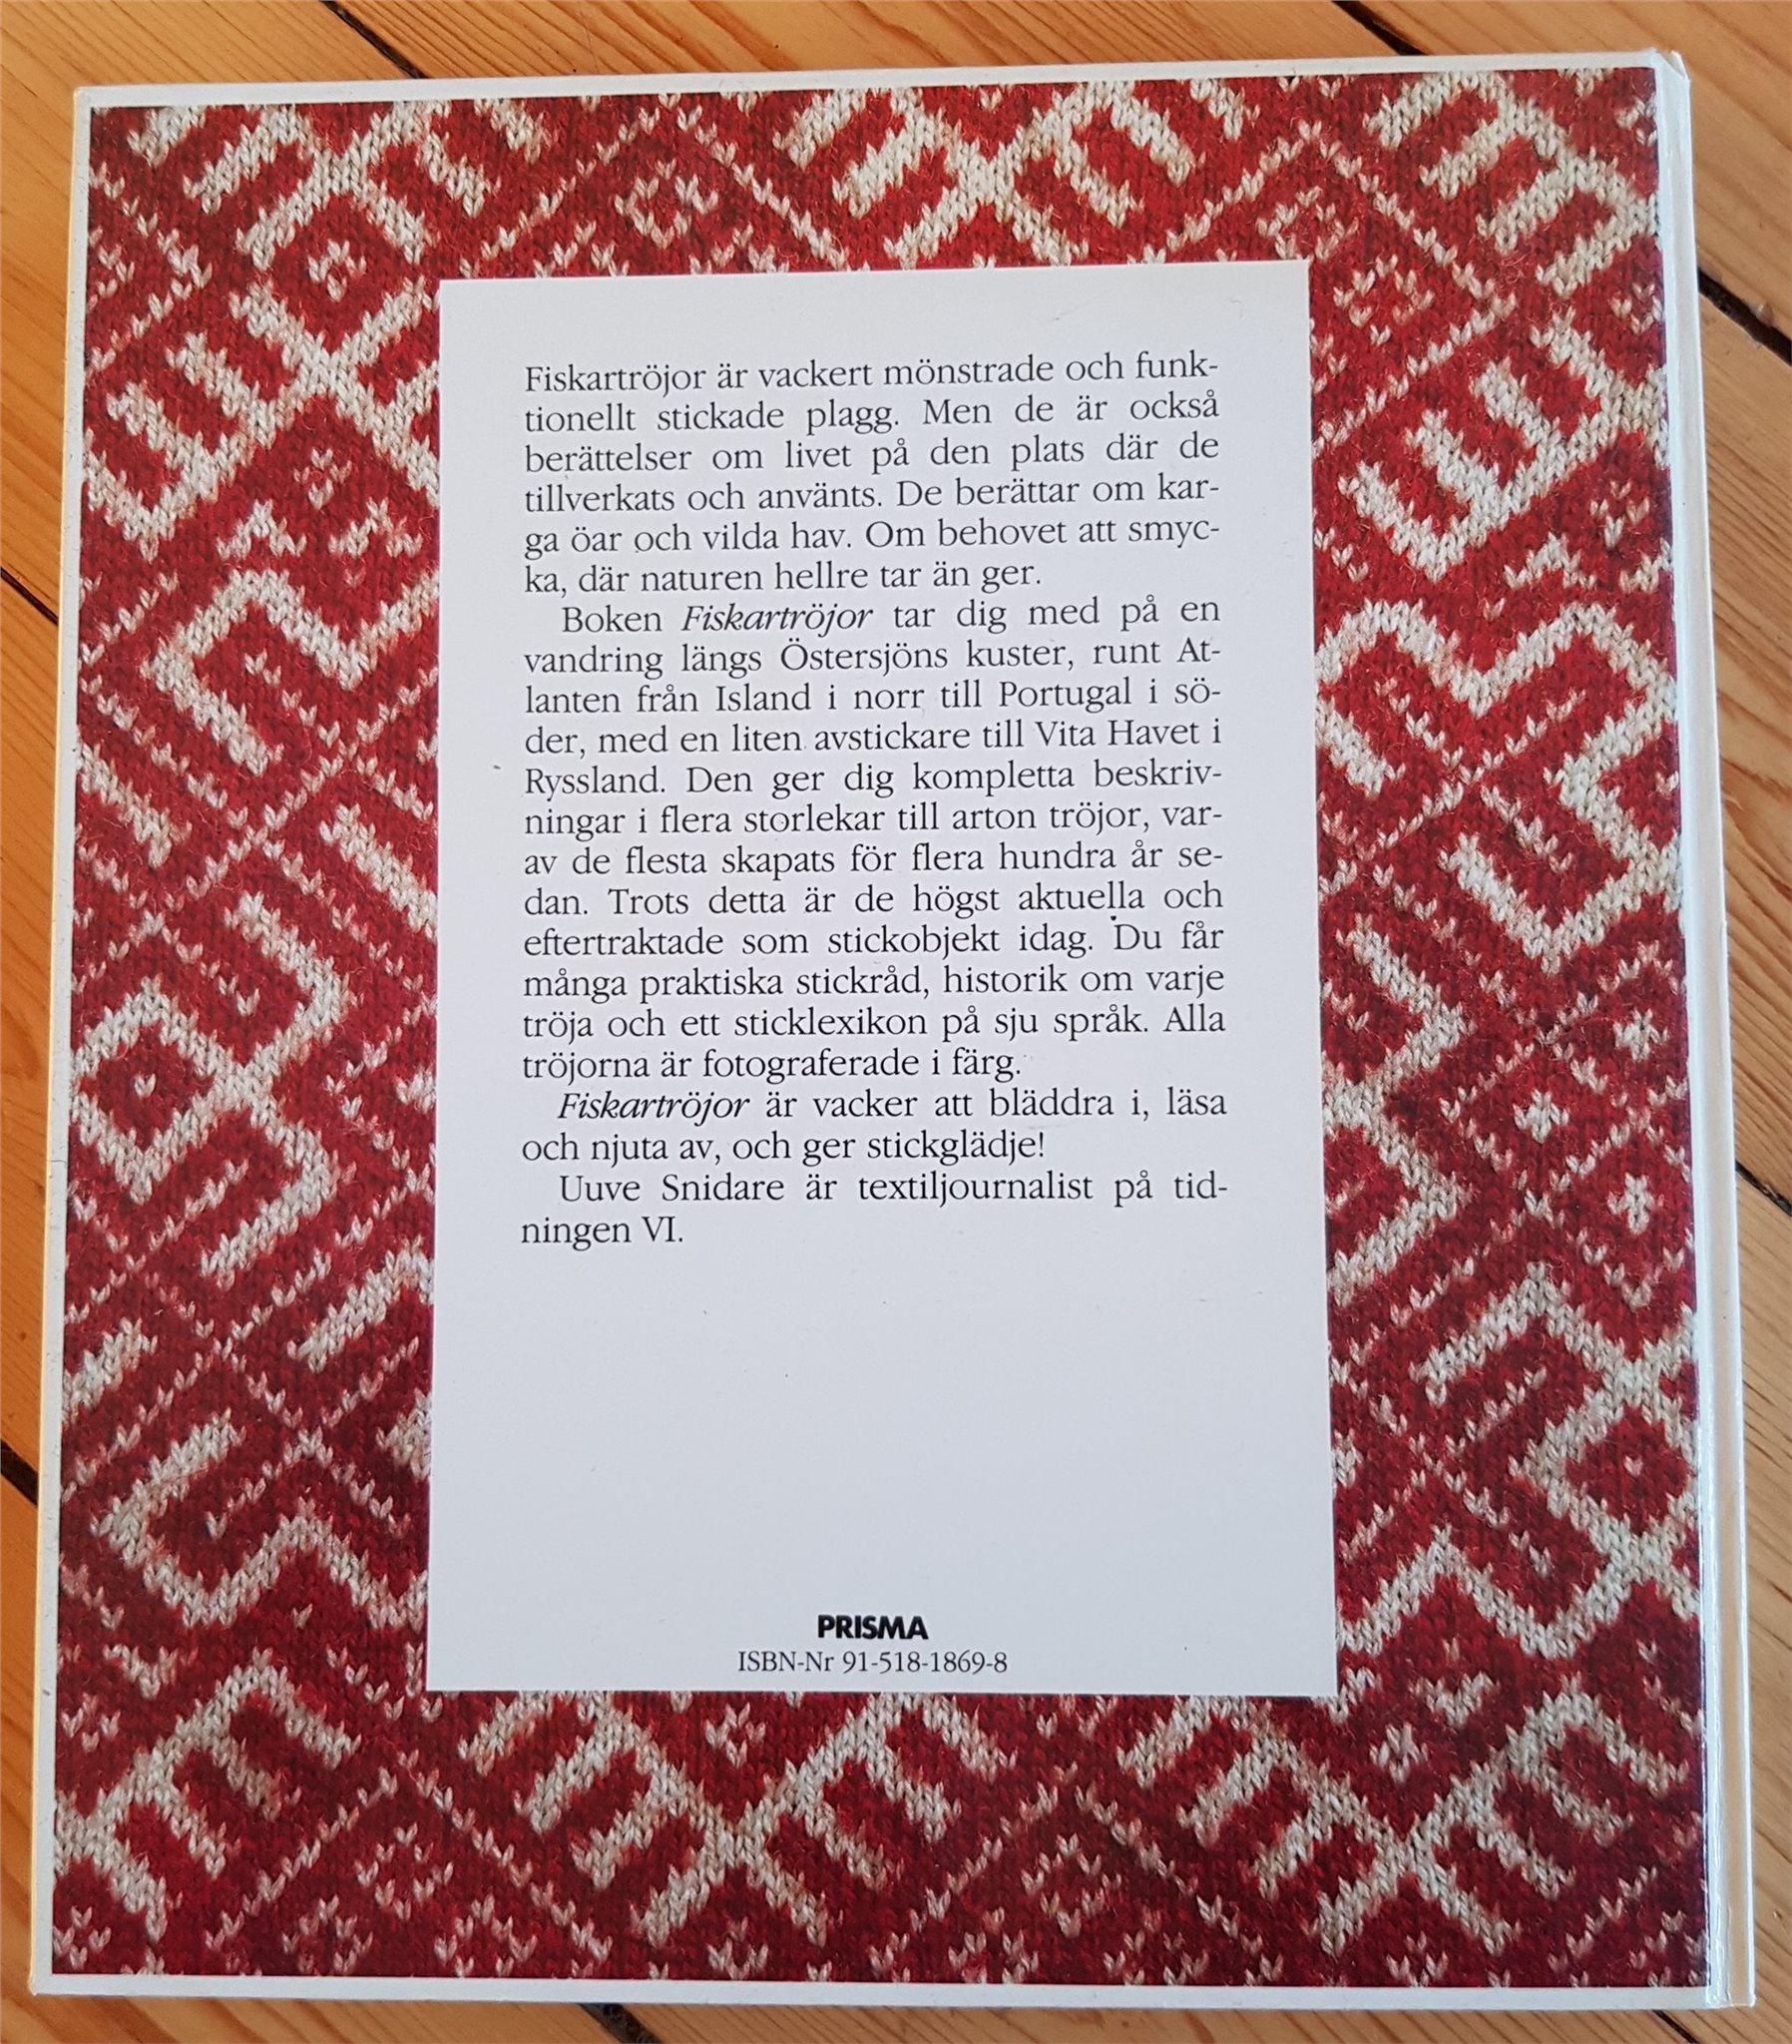 Fiskartröjor och andra tröjklassiker Uuve Snidare Snidare Snidare d9a830